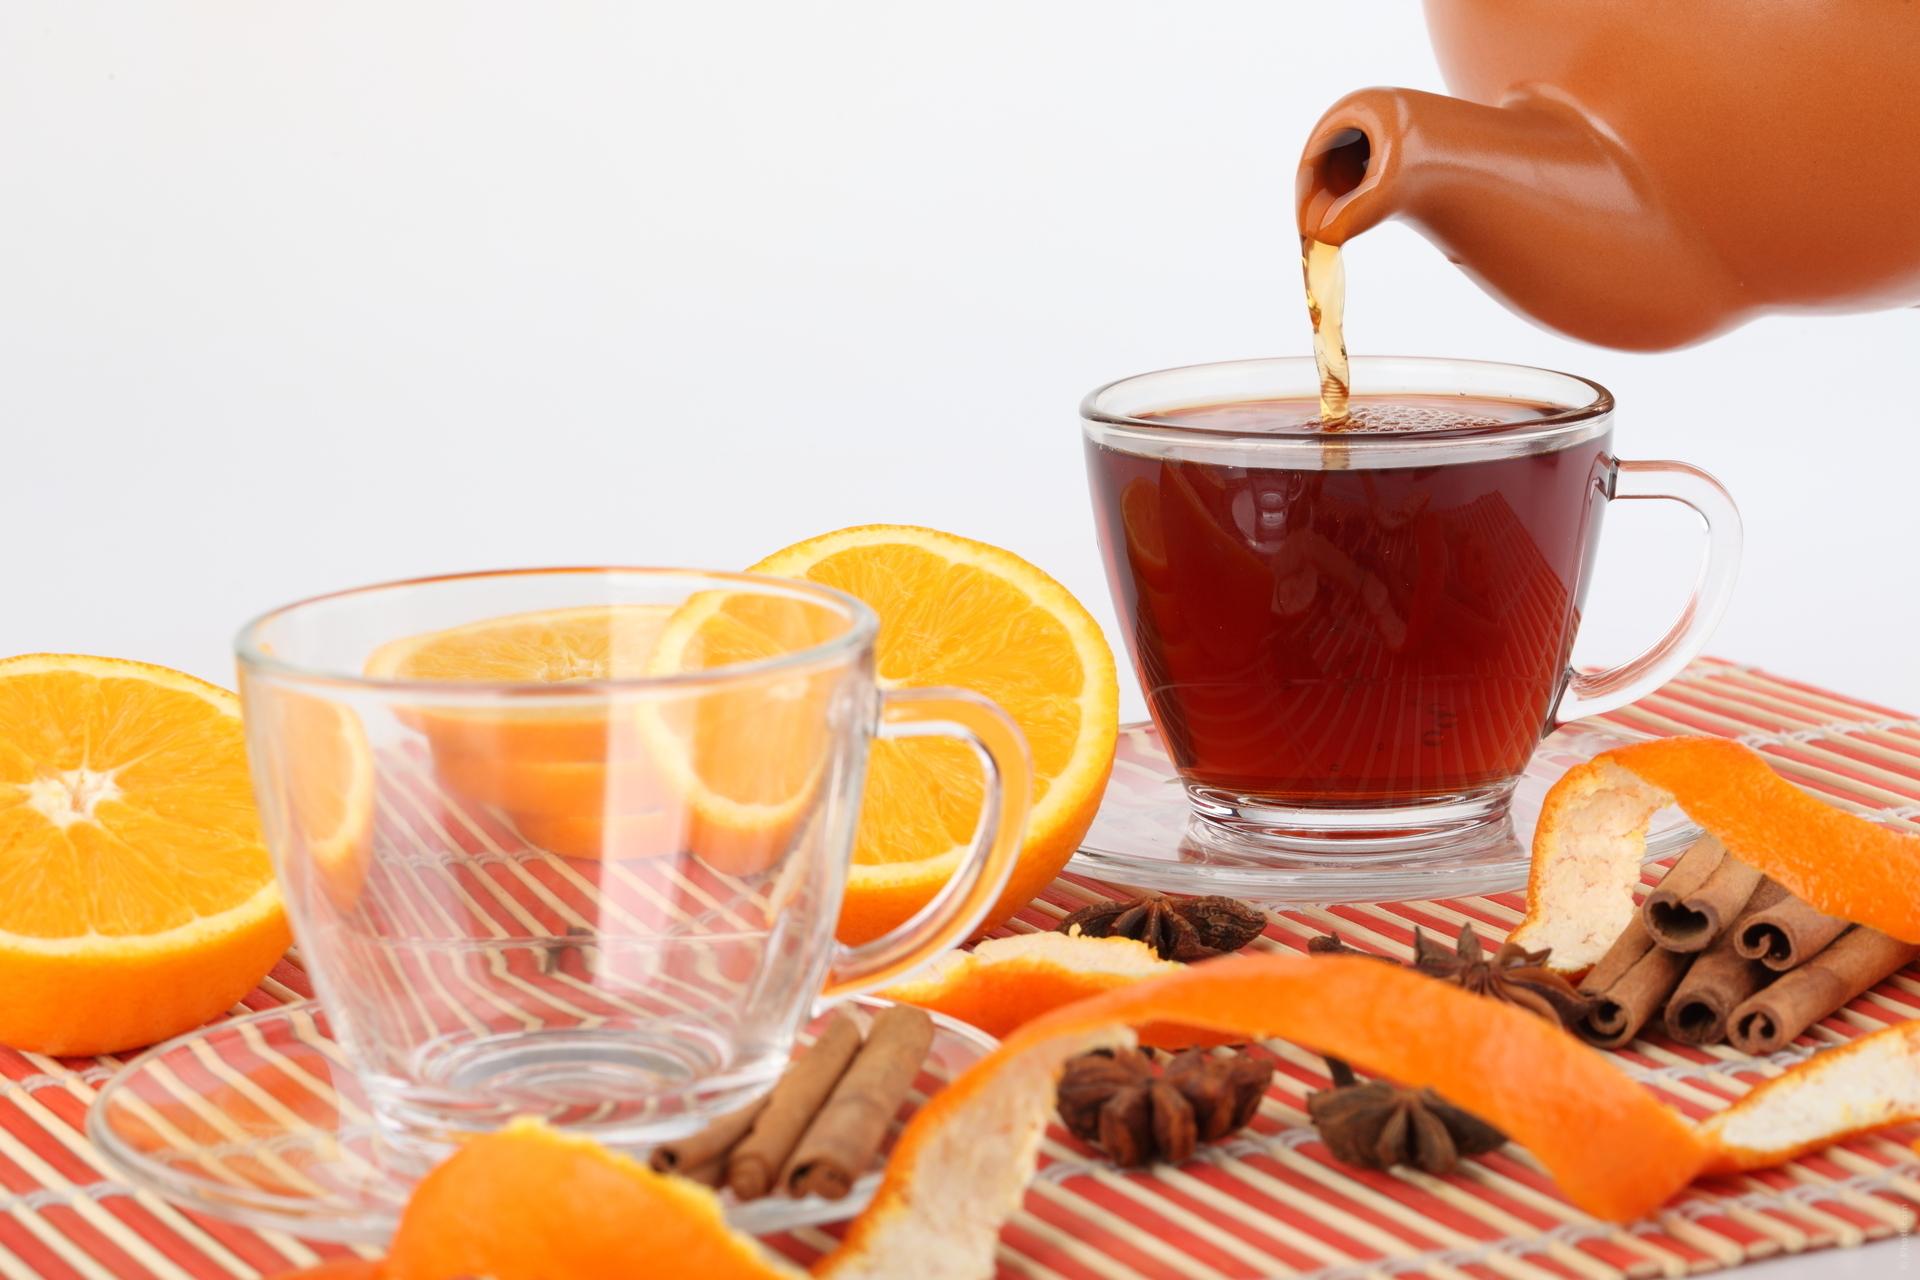 картинки с напитками и едой чай кофе соки компоты мы